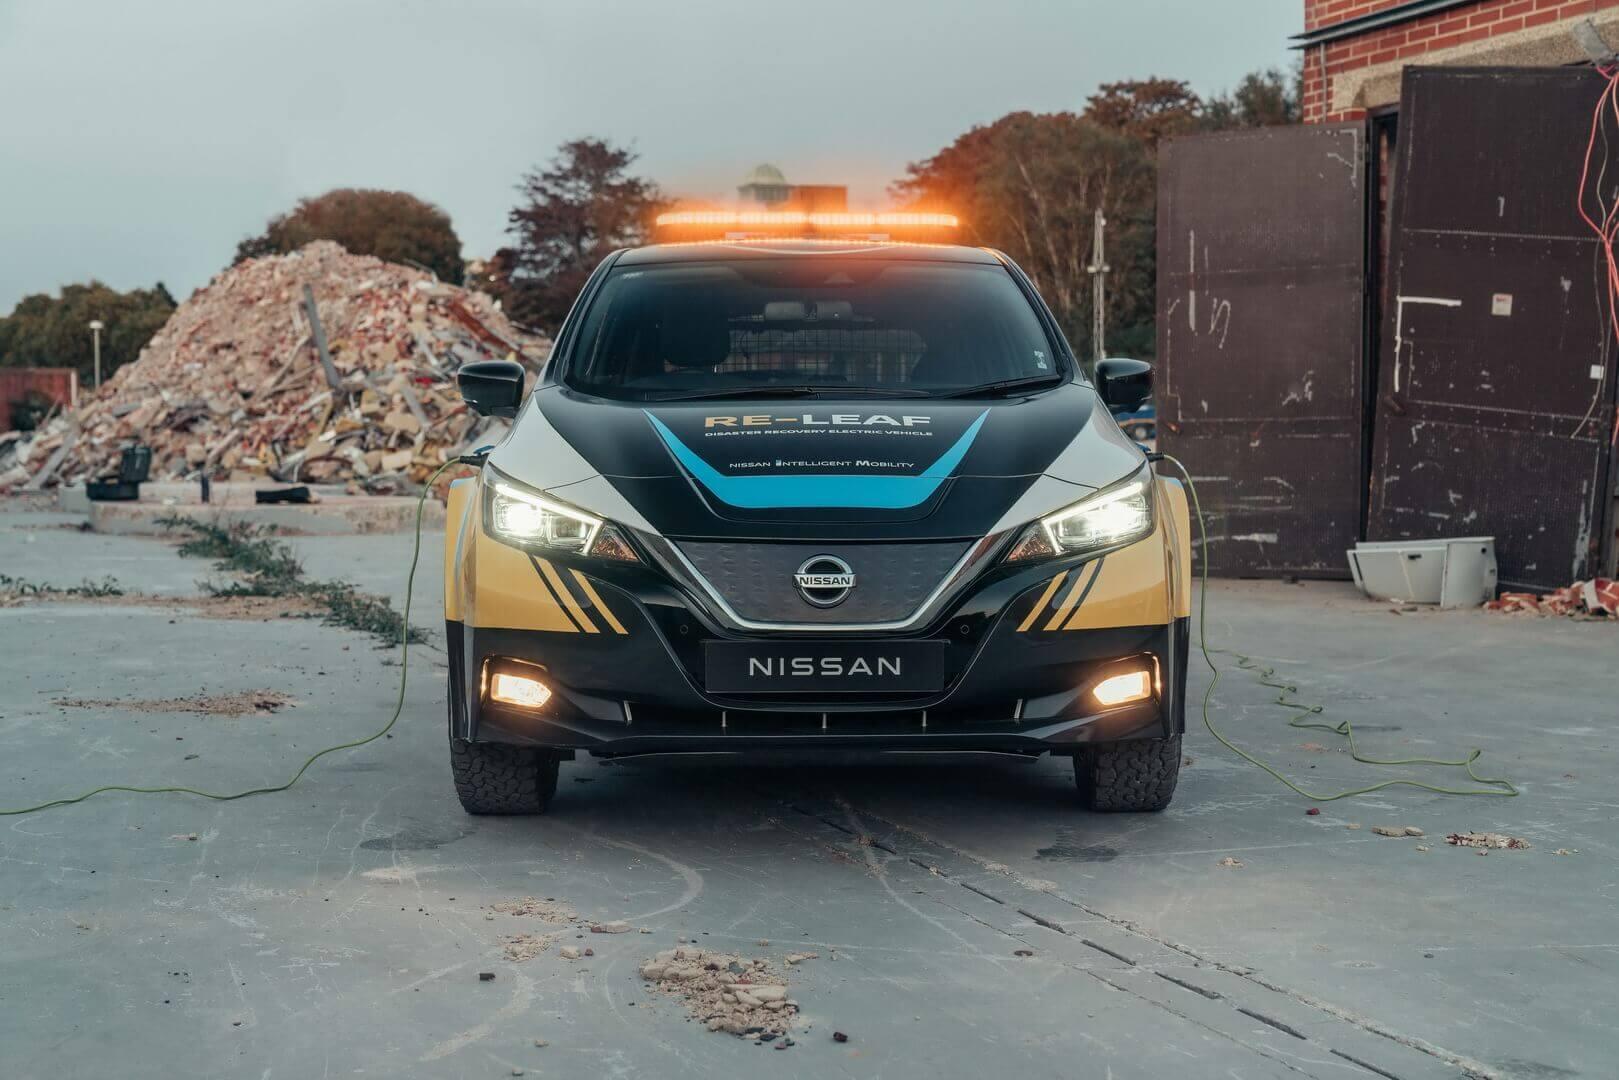 Nissan демонстрирует концепцию аварийного автомобиля RE-LEAF